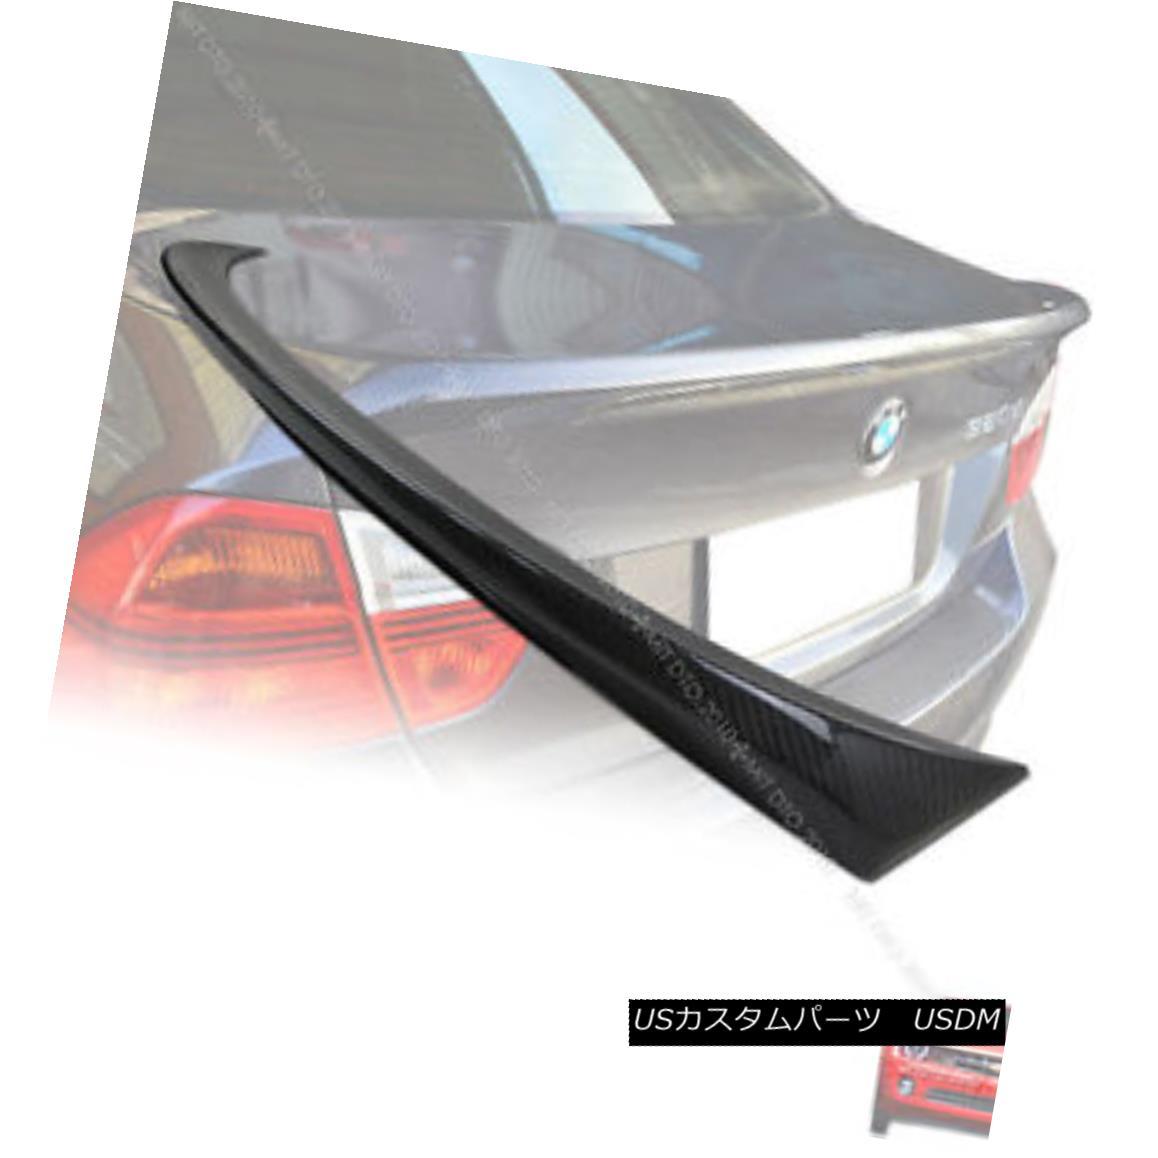 エアロパーツ Carbon Fiber E90 BMW 3-Series M-Tech Type Boot Trunk Spoiler Rear Wing 06-11 カーボンファイバーE90 BMW 3シリーズM-Techタイプブーツトランクスポイラーリアウイング06-11